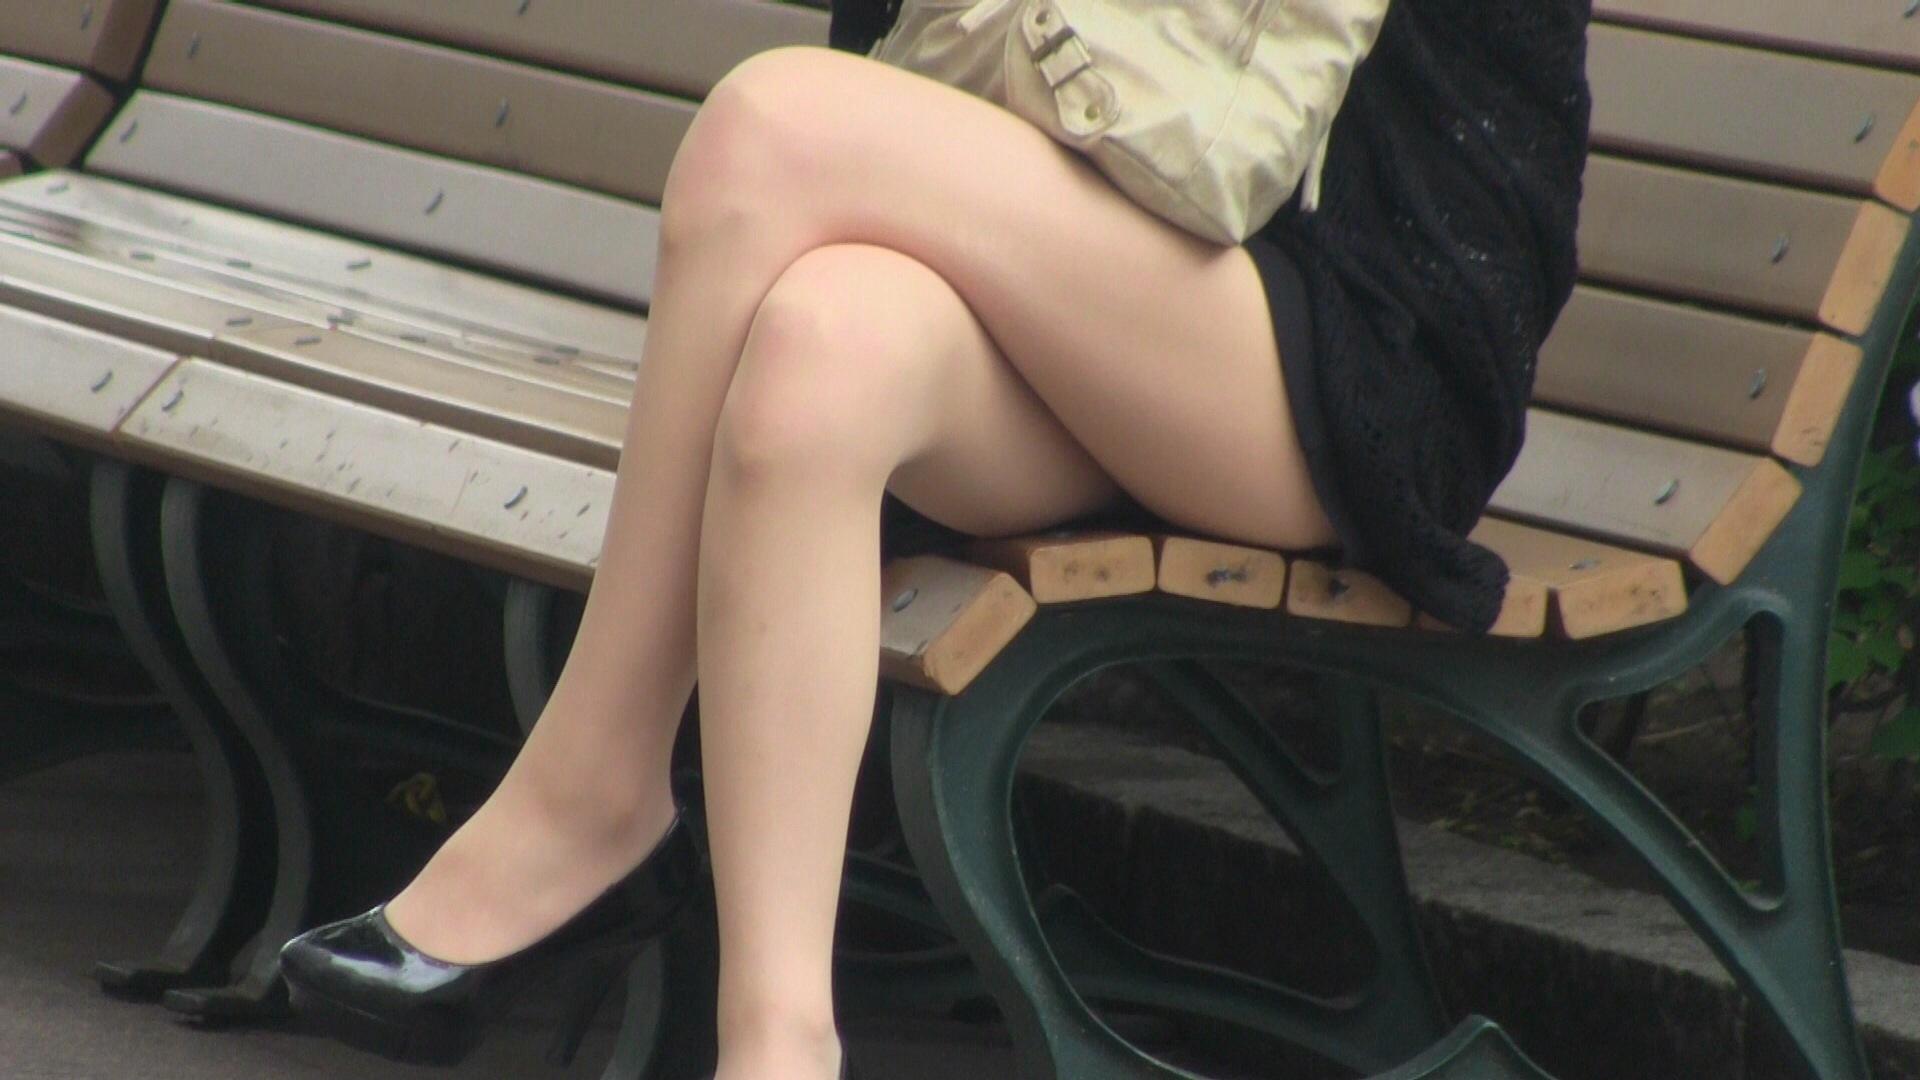 【足組みエロ画像】これはレイプされても文句言えない!街中でこんな足組みしてたら誘ってるとしか思えない美脚のお姉さんwww その5